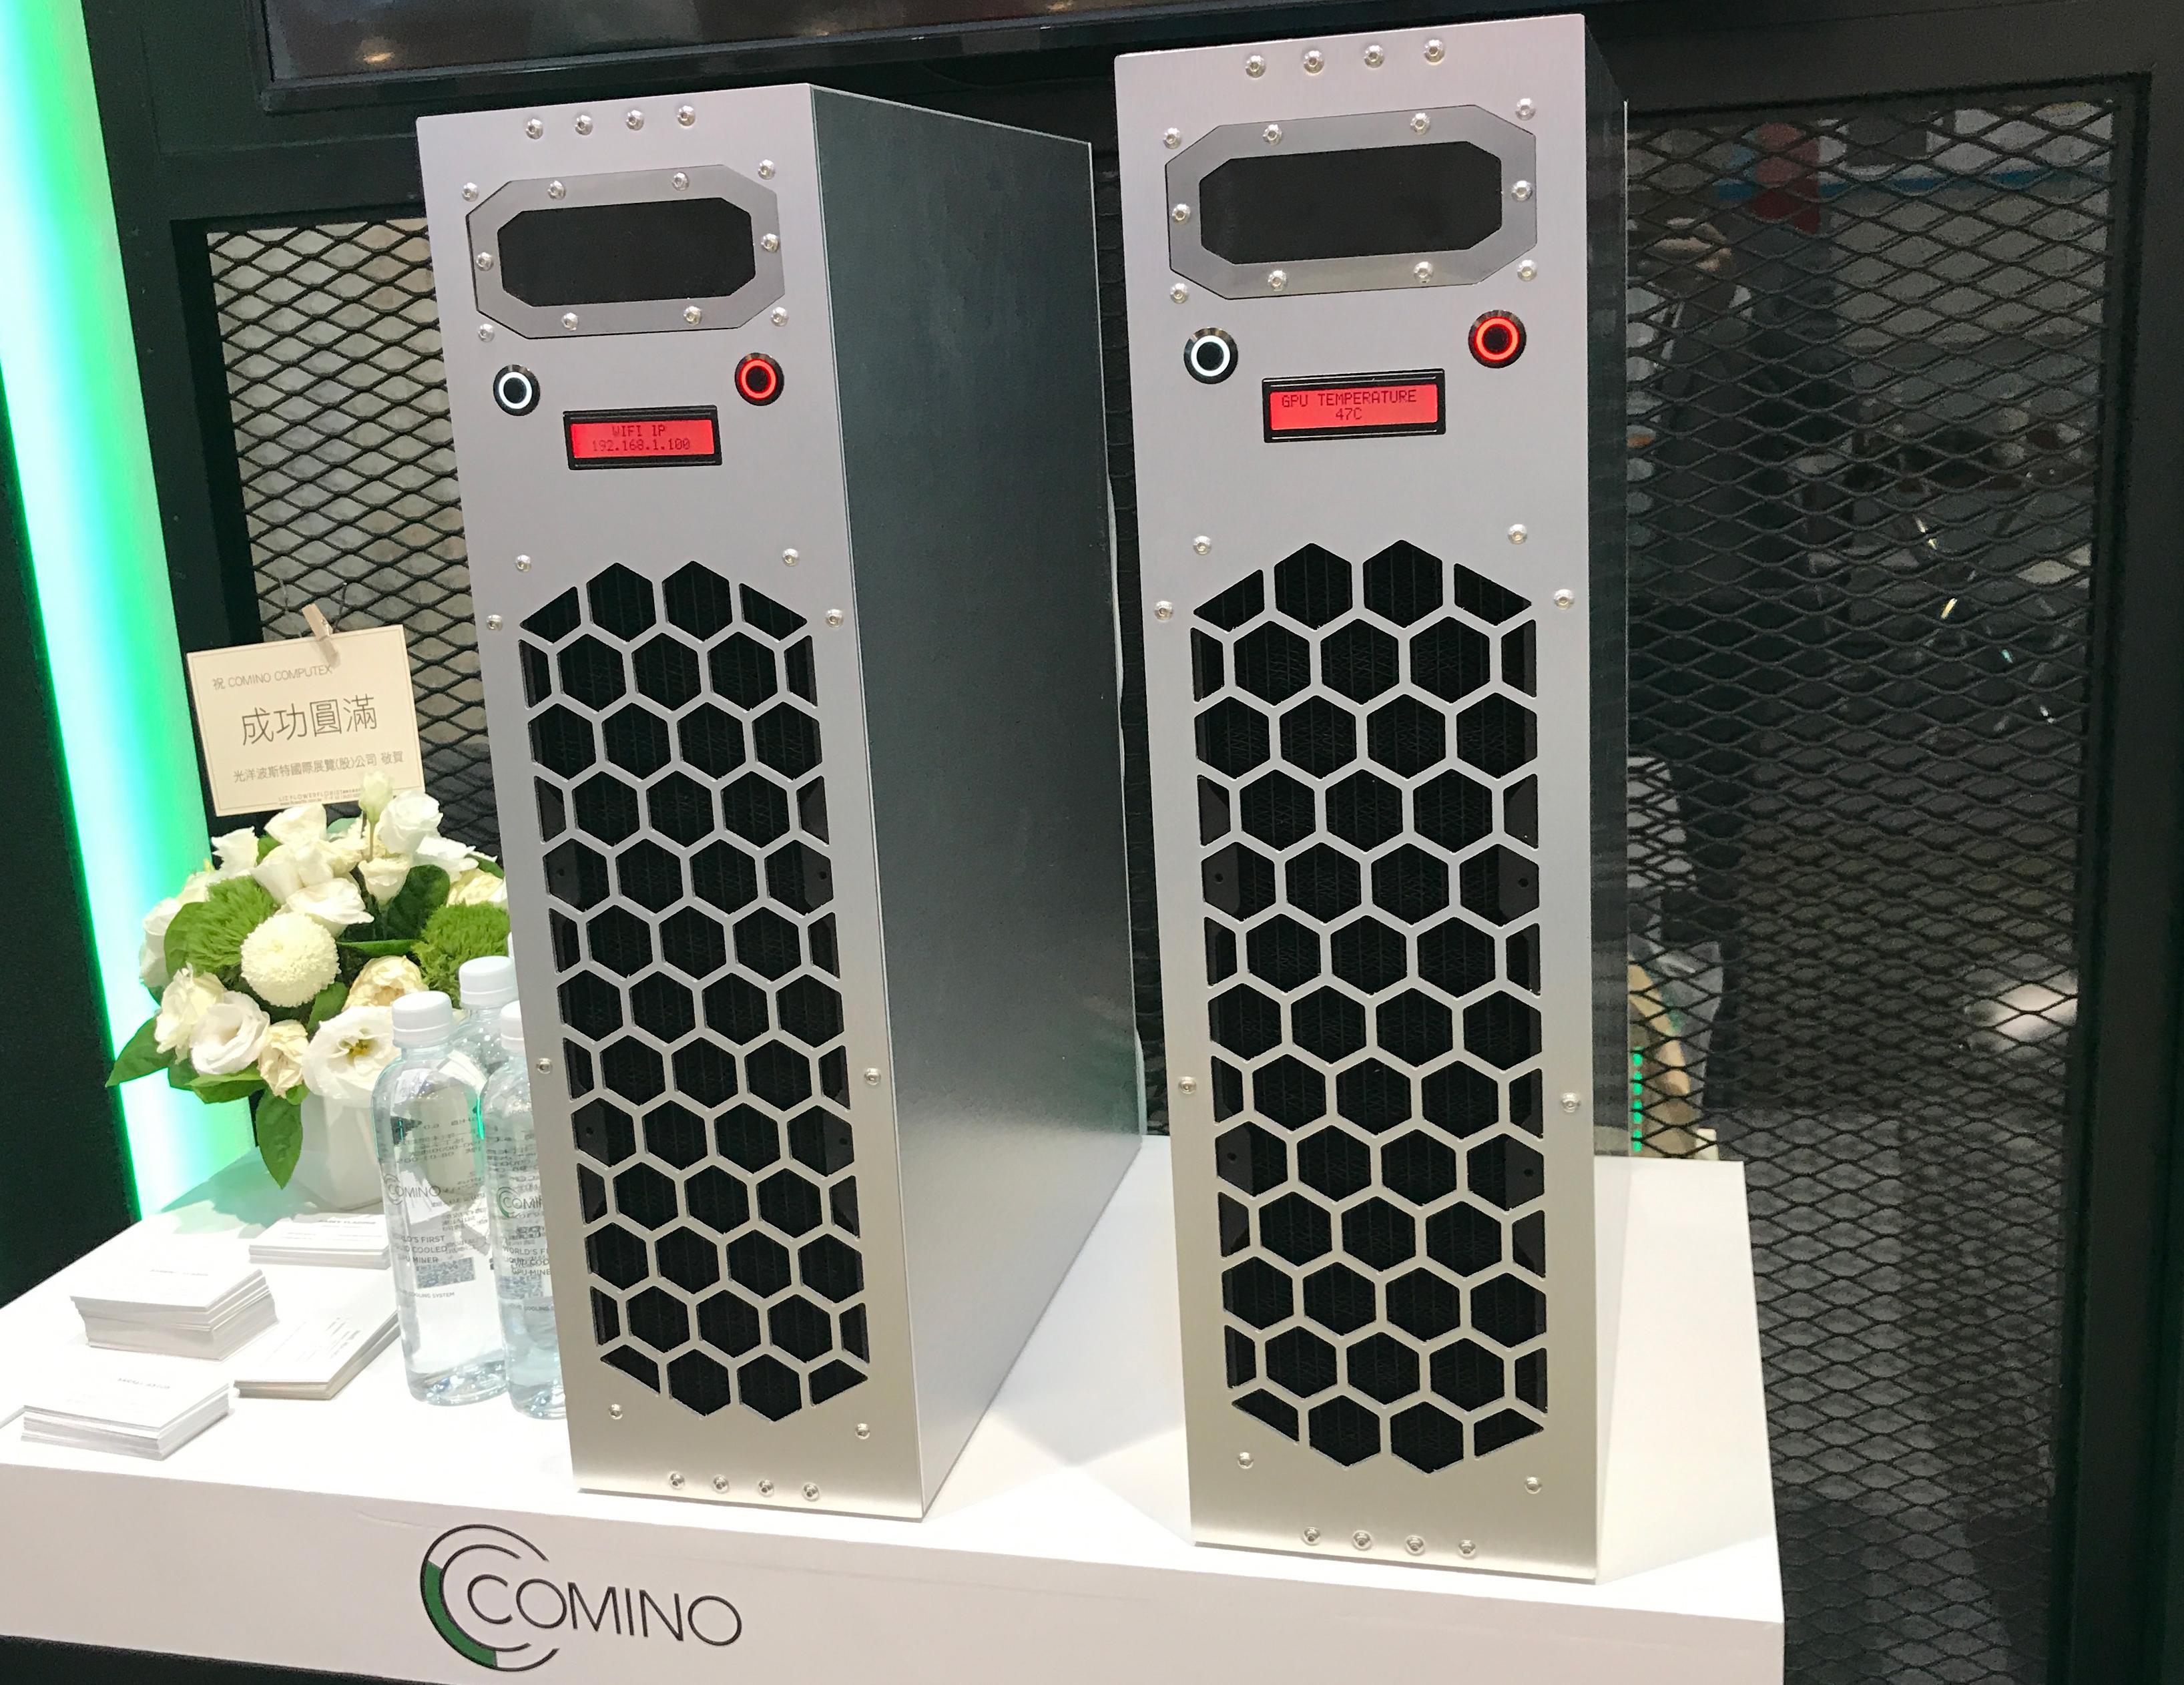 Comino Crypto Mining Rigs: Liquid-Cooled 16 GPUs in a 4U Server